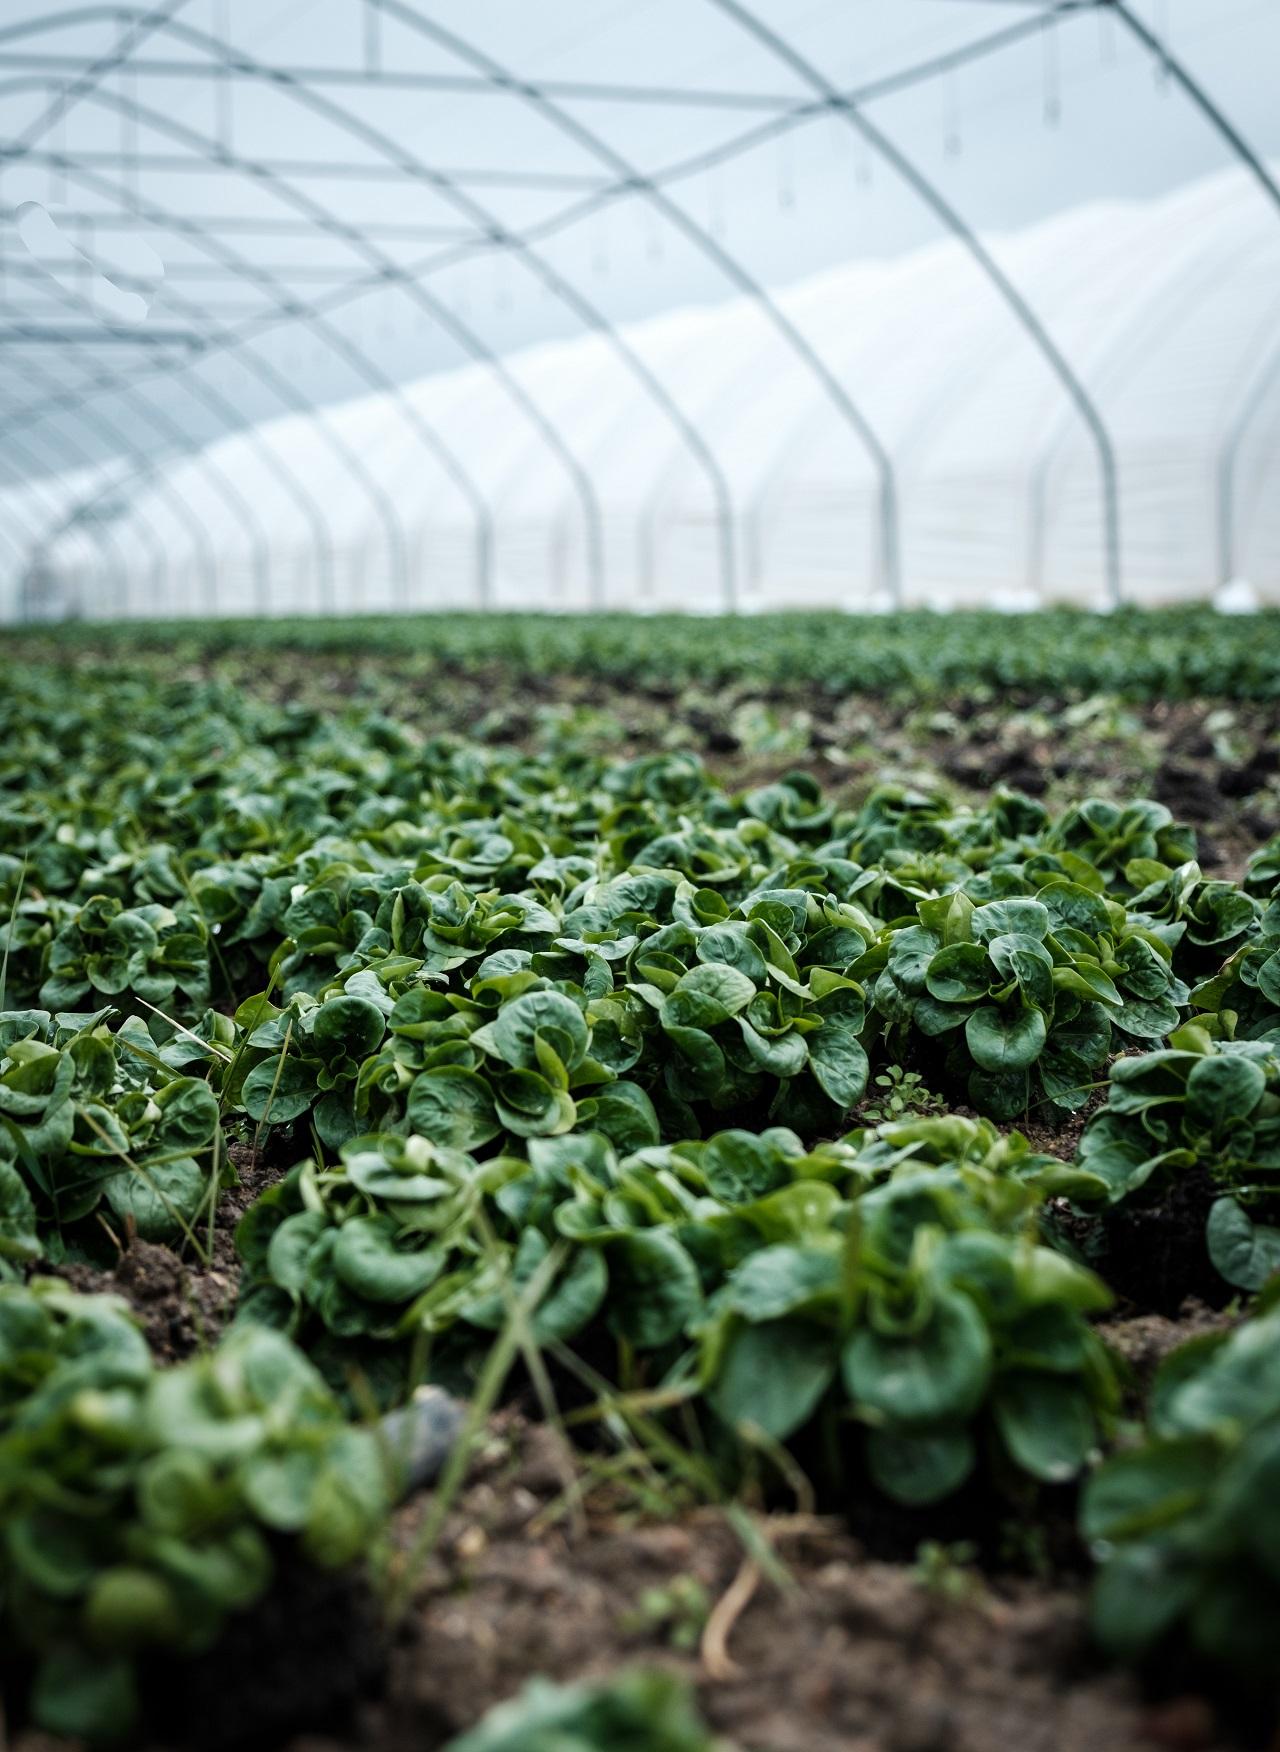 Producción de hortalizas bajo agricultura protegida